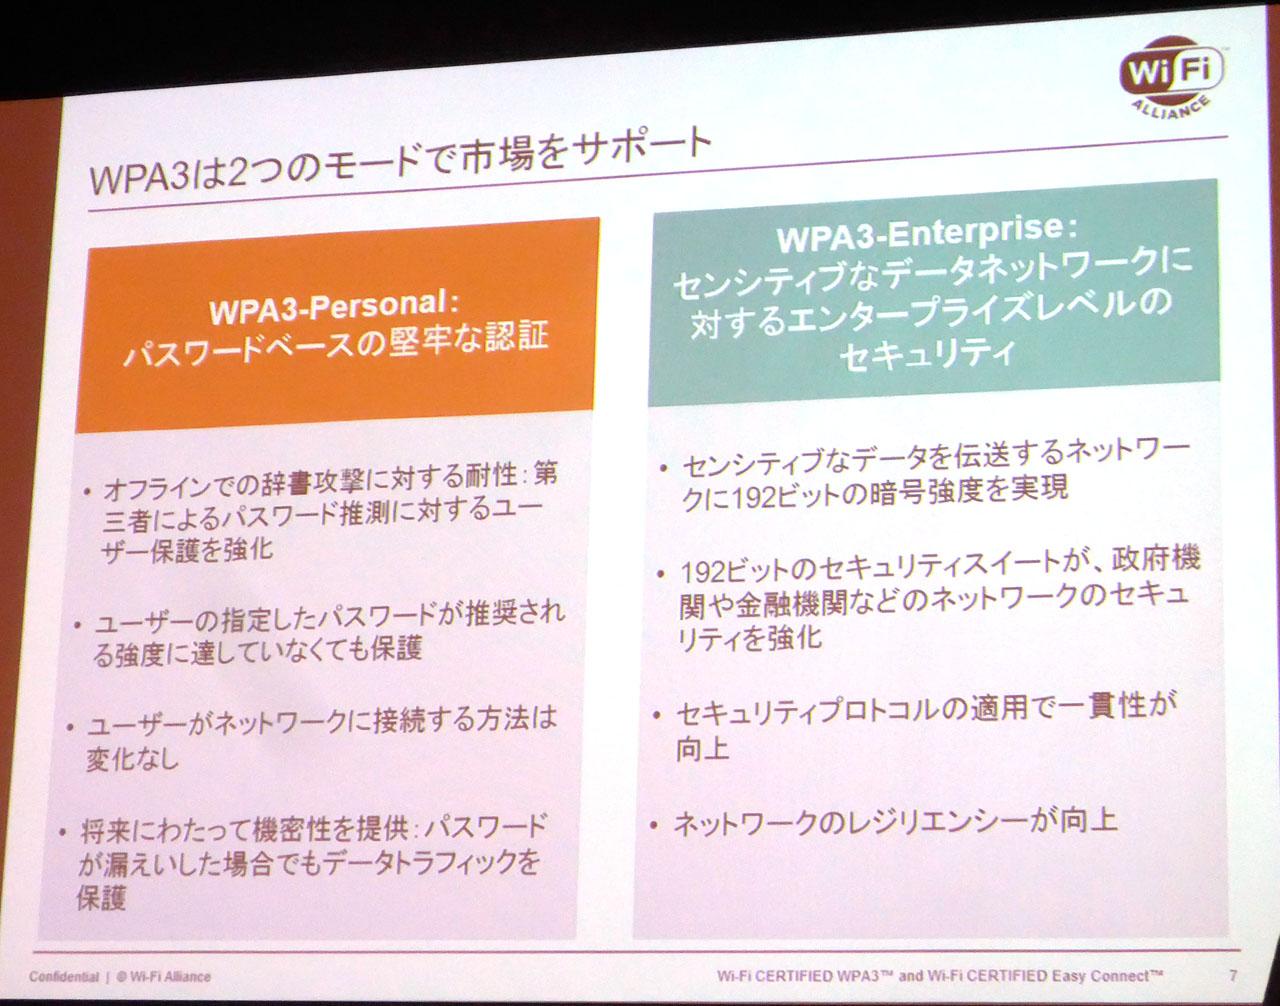 """2018年6月28日付関連記事<a href=""""/docs/news/1130066.html"""" class=""""strong b"""">『Wi-Fiは将来的に「WPA3」必須に、Wi-Fi Allianceが新たな認定制度をスタート』</a>参照"""